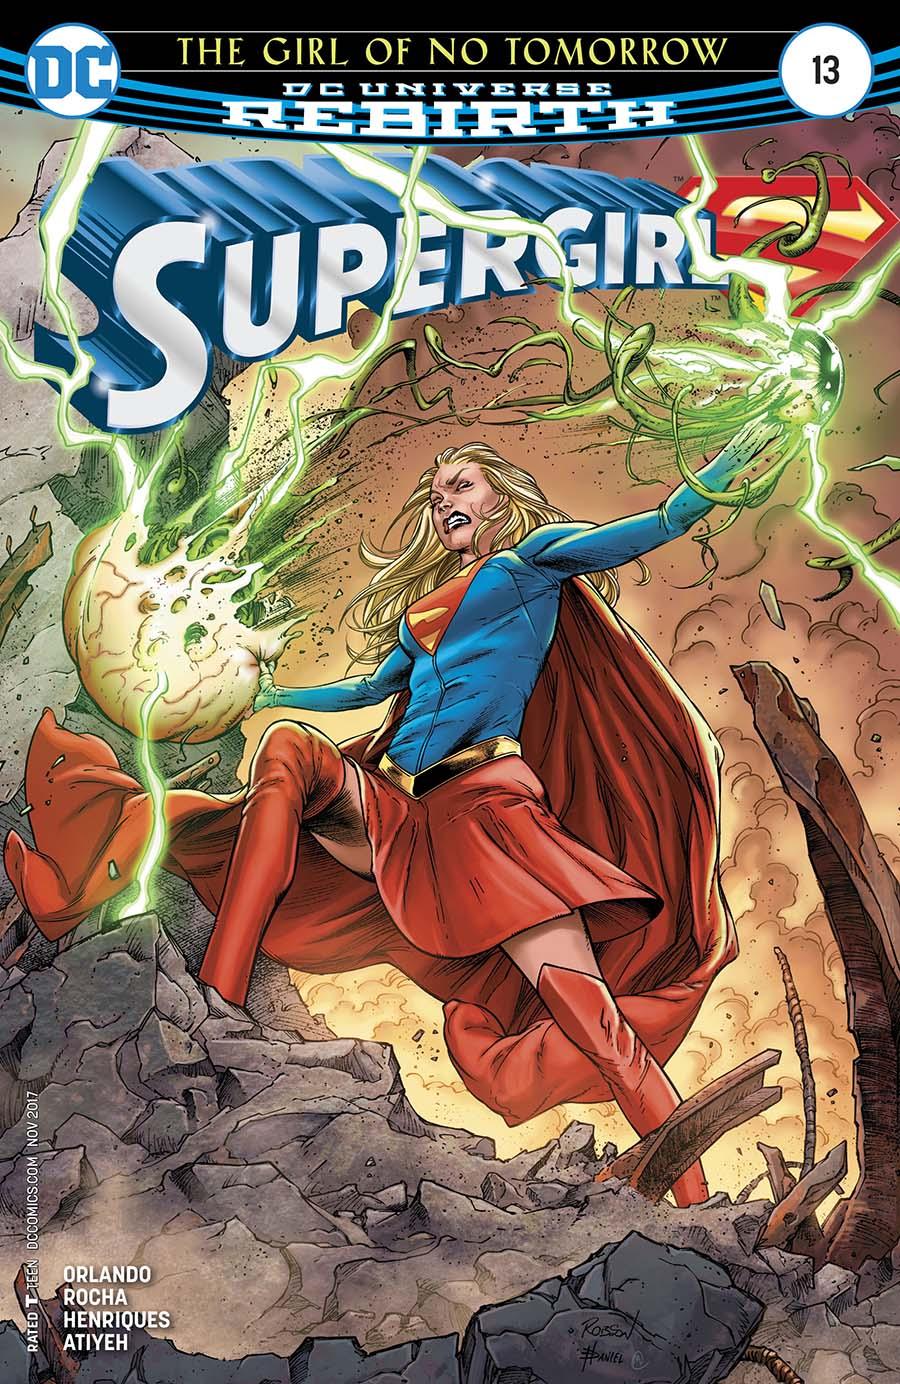 Supergirl Vol 7 #13 Cover A Regular Robson Rocha & Daniel Henriques Cover